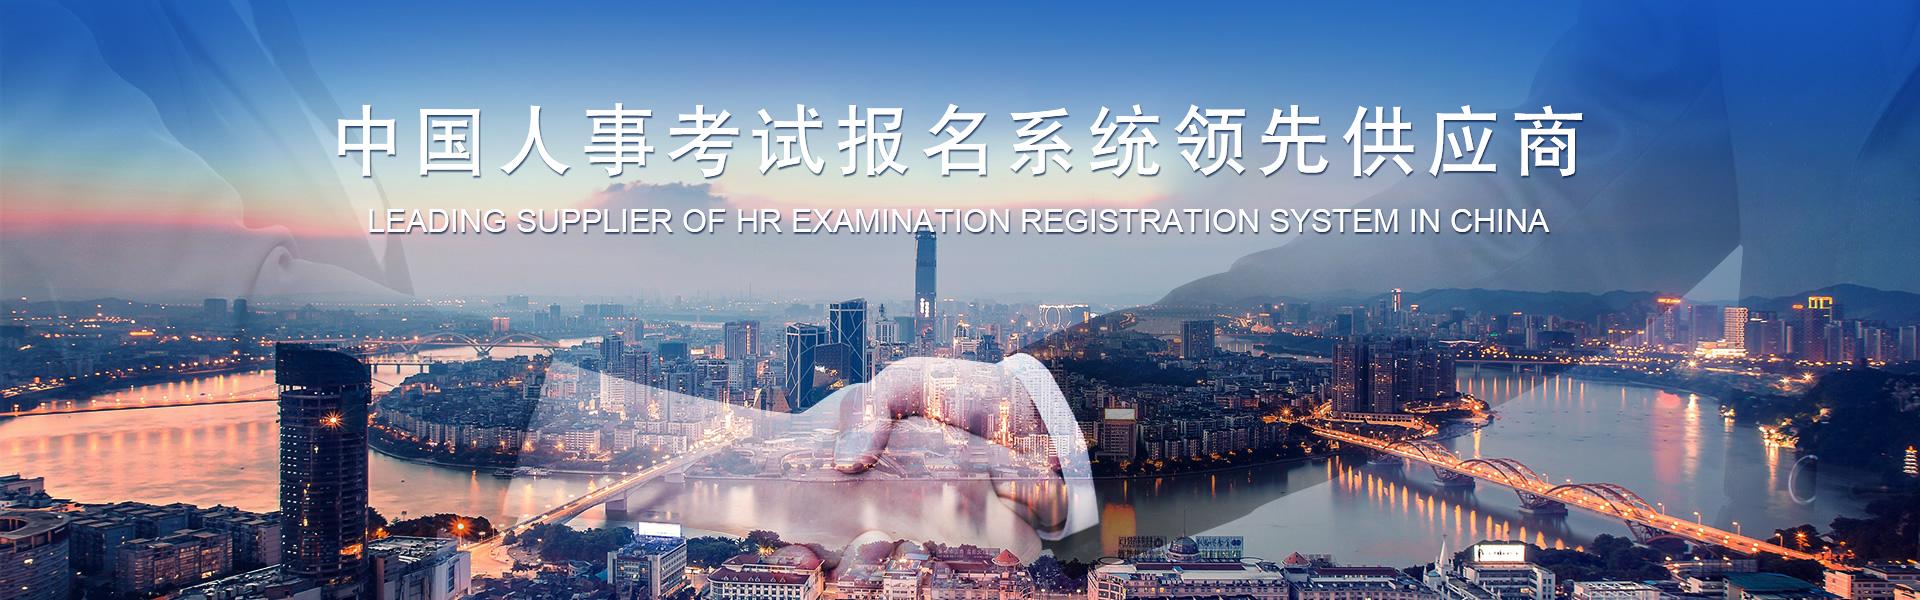 全国最大的第三方命题专家库和出题机构_中国人事考试网考试外包和网上报名系统优秀服务商